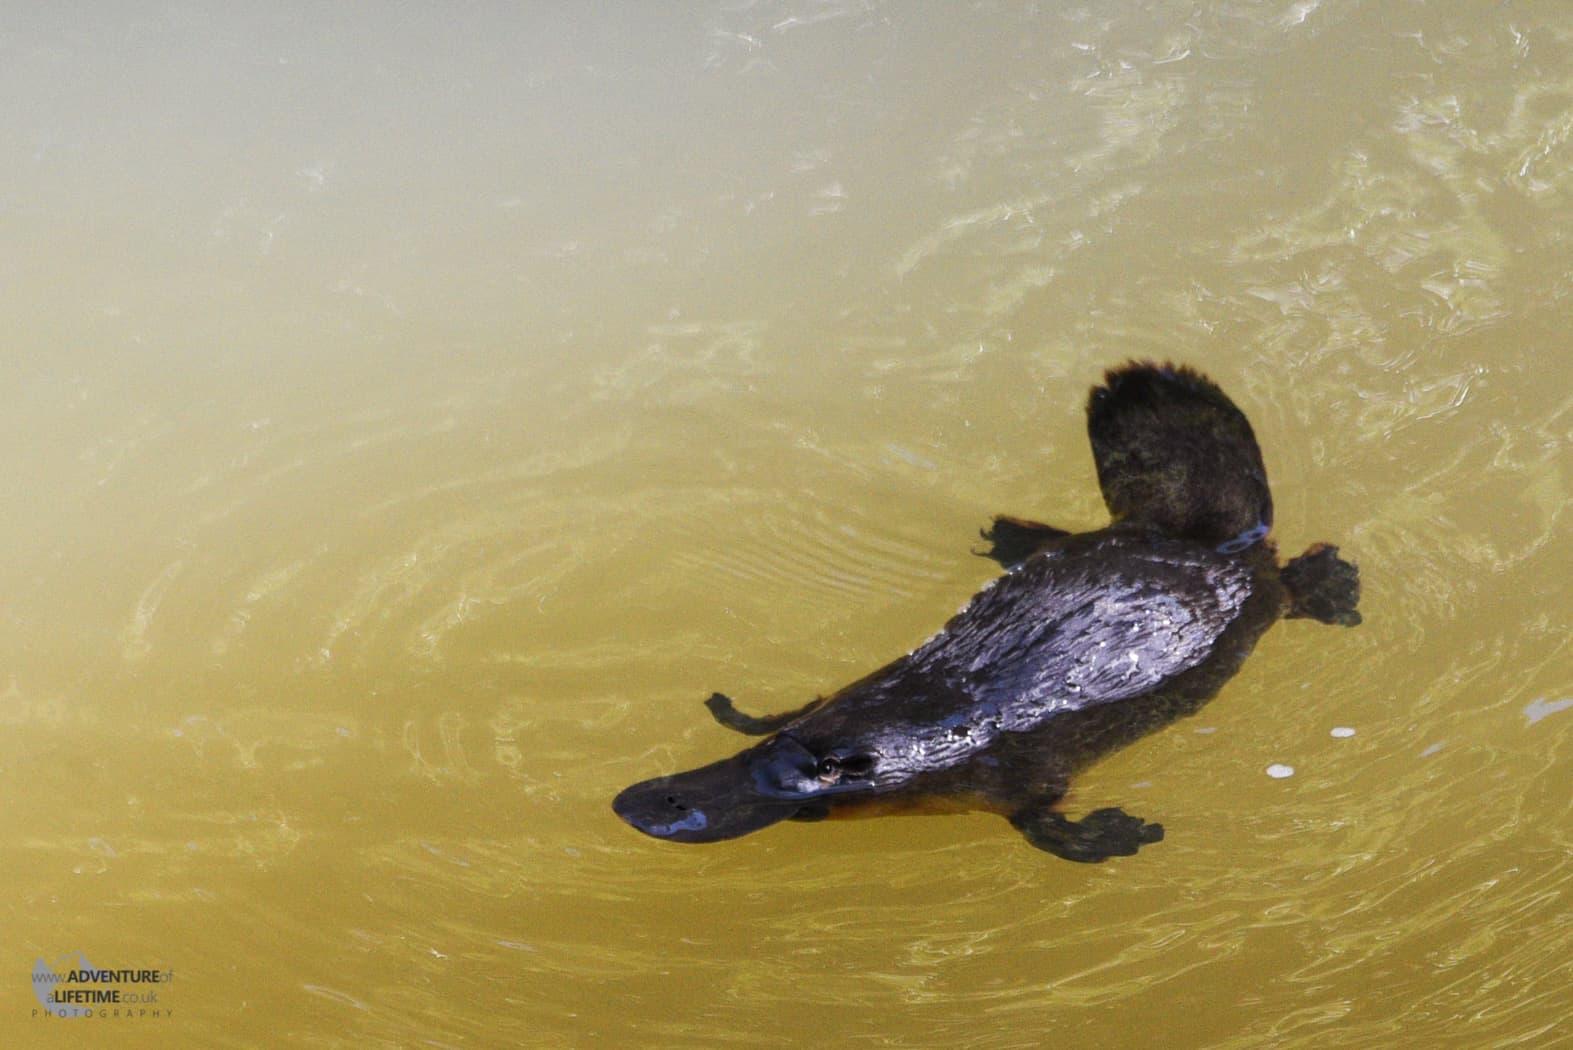 The Australian Platypus